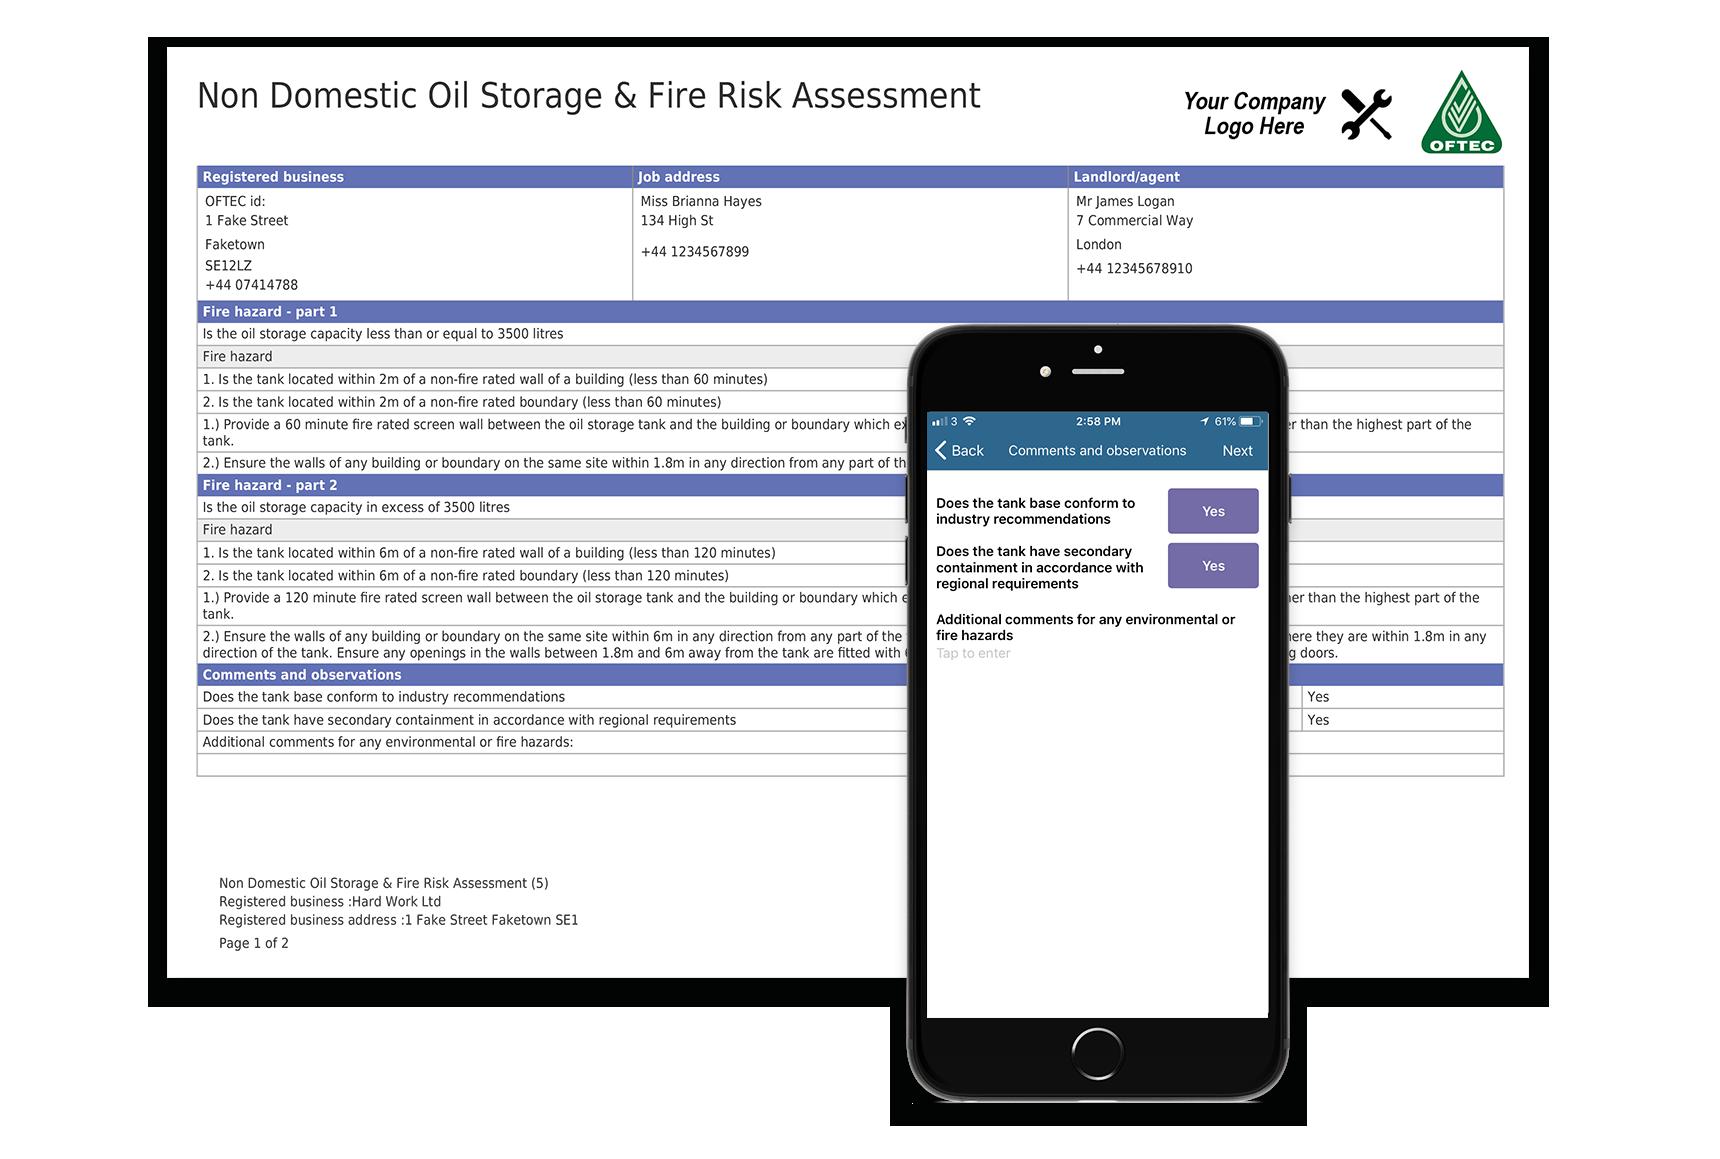 Non-Domestic-Oil-Storage-&-Fire-Risk-Assessment-5-1